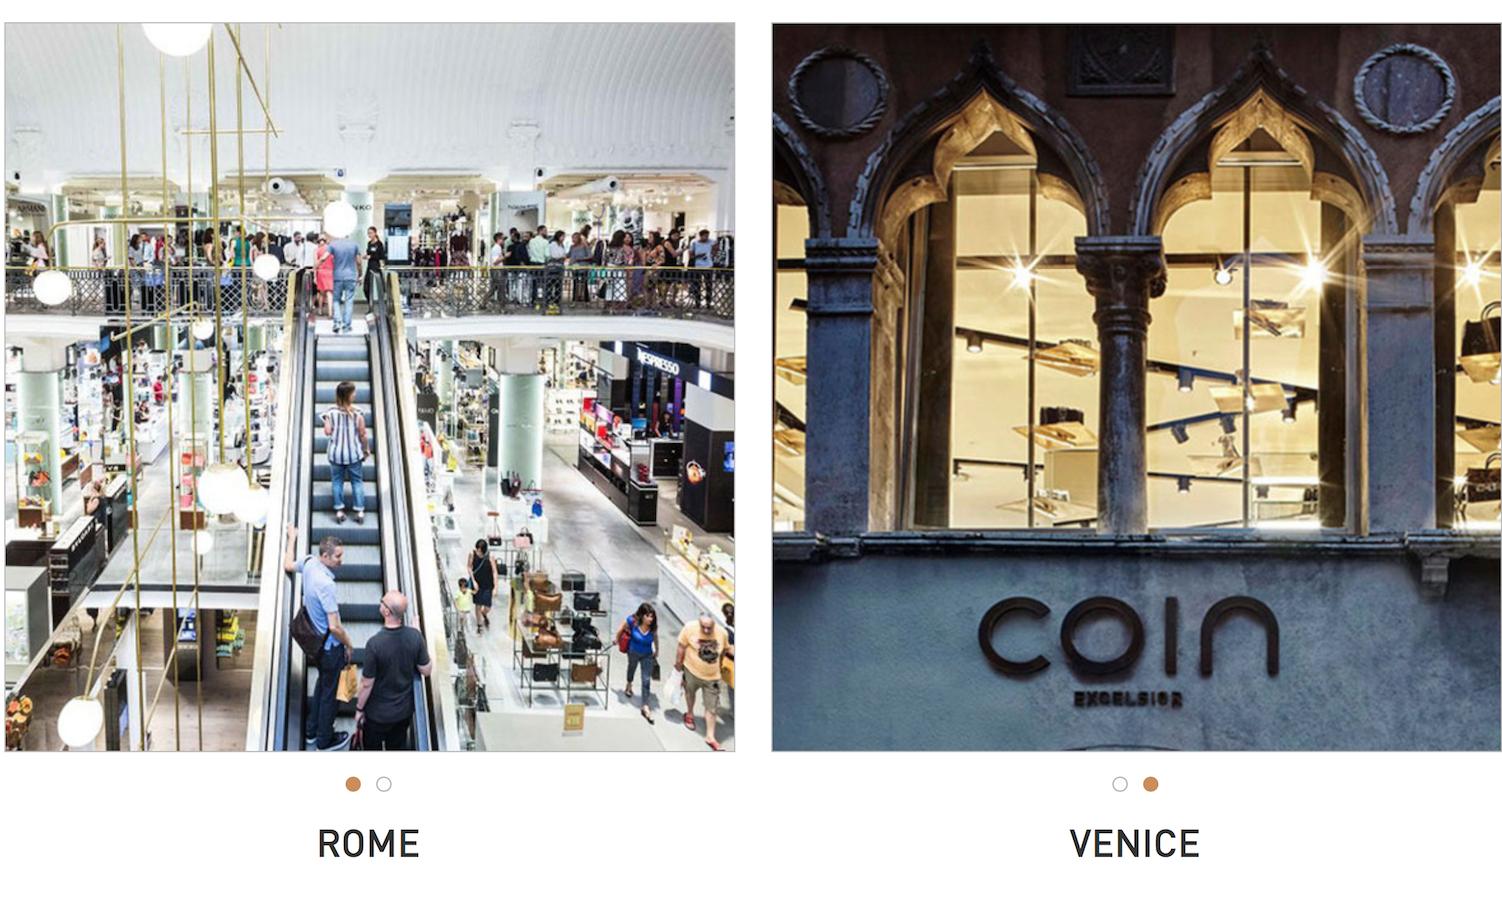 私募基金 BC Partners 出售意大利最大百货集团 Gruppo Coin,由后者管理团队成立新公司接手